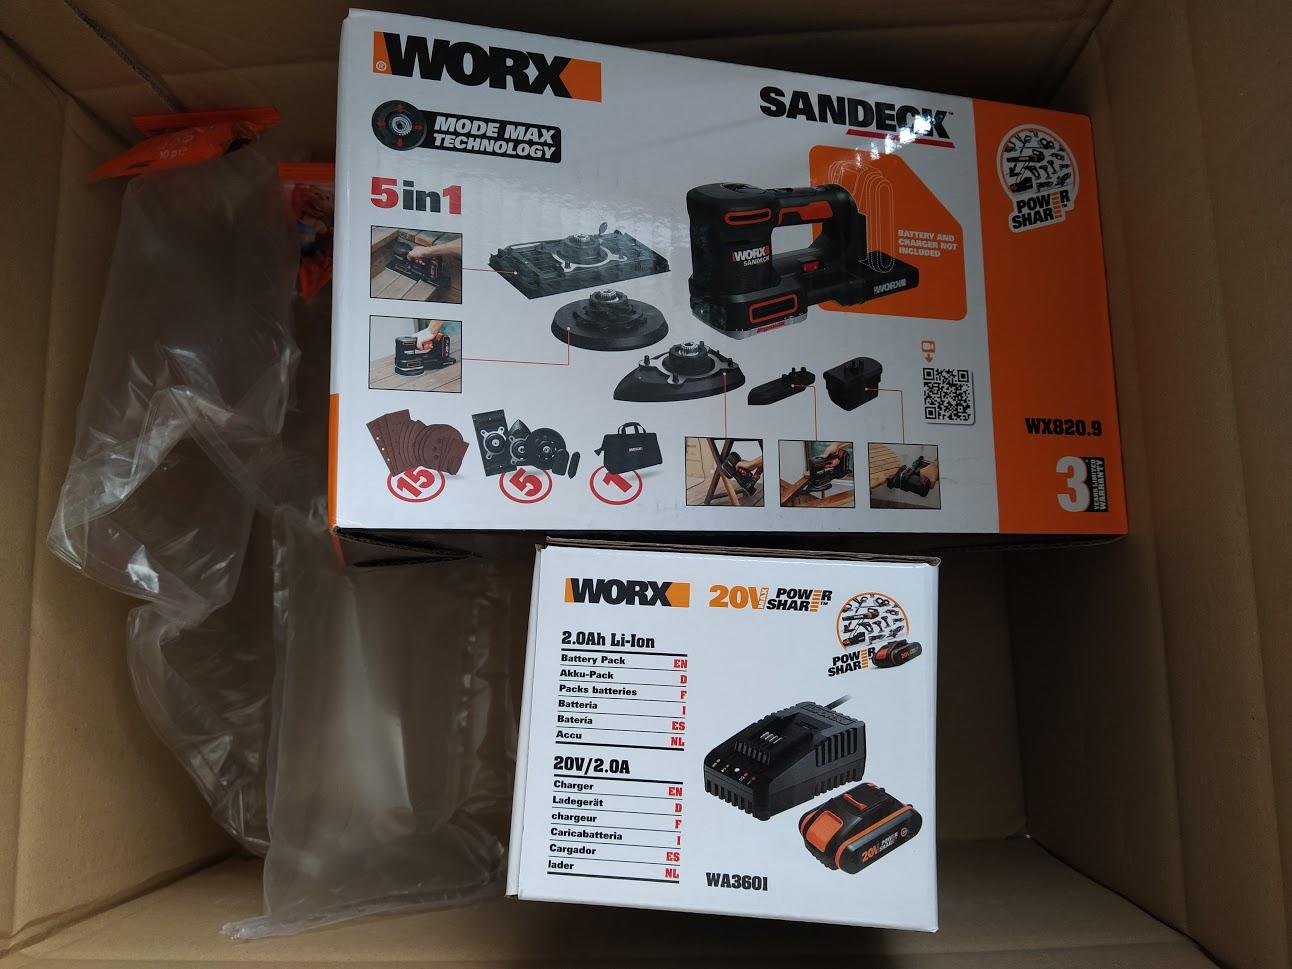 WORX WX820 Multischleifer mit Akku und Ladegerät